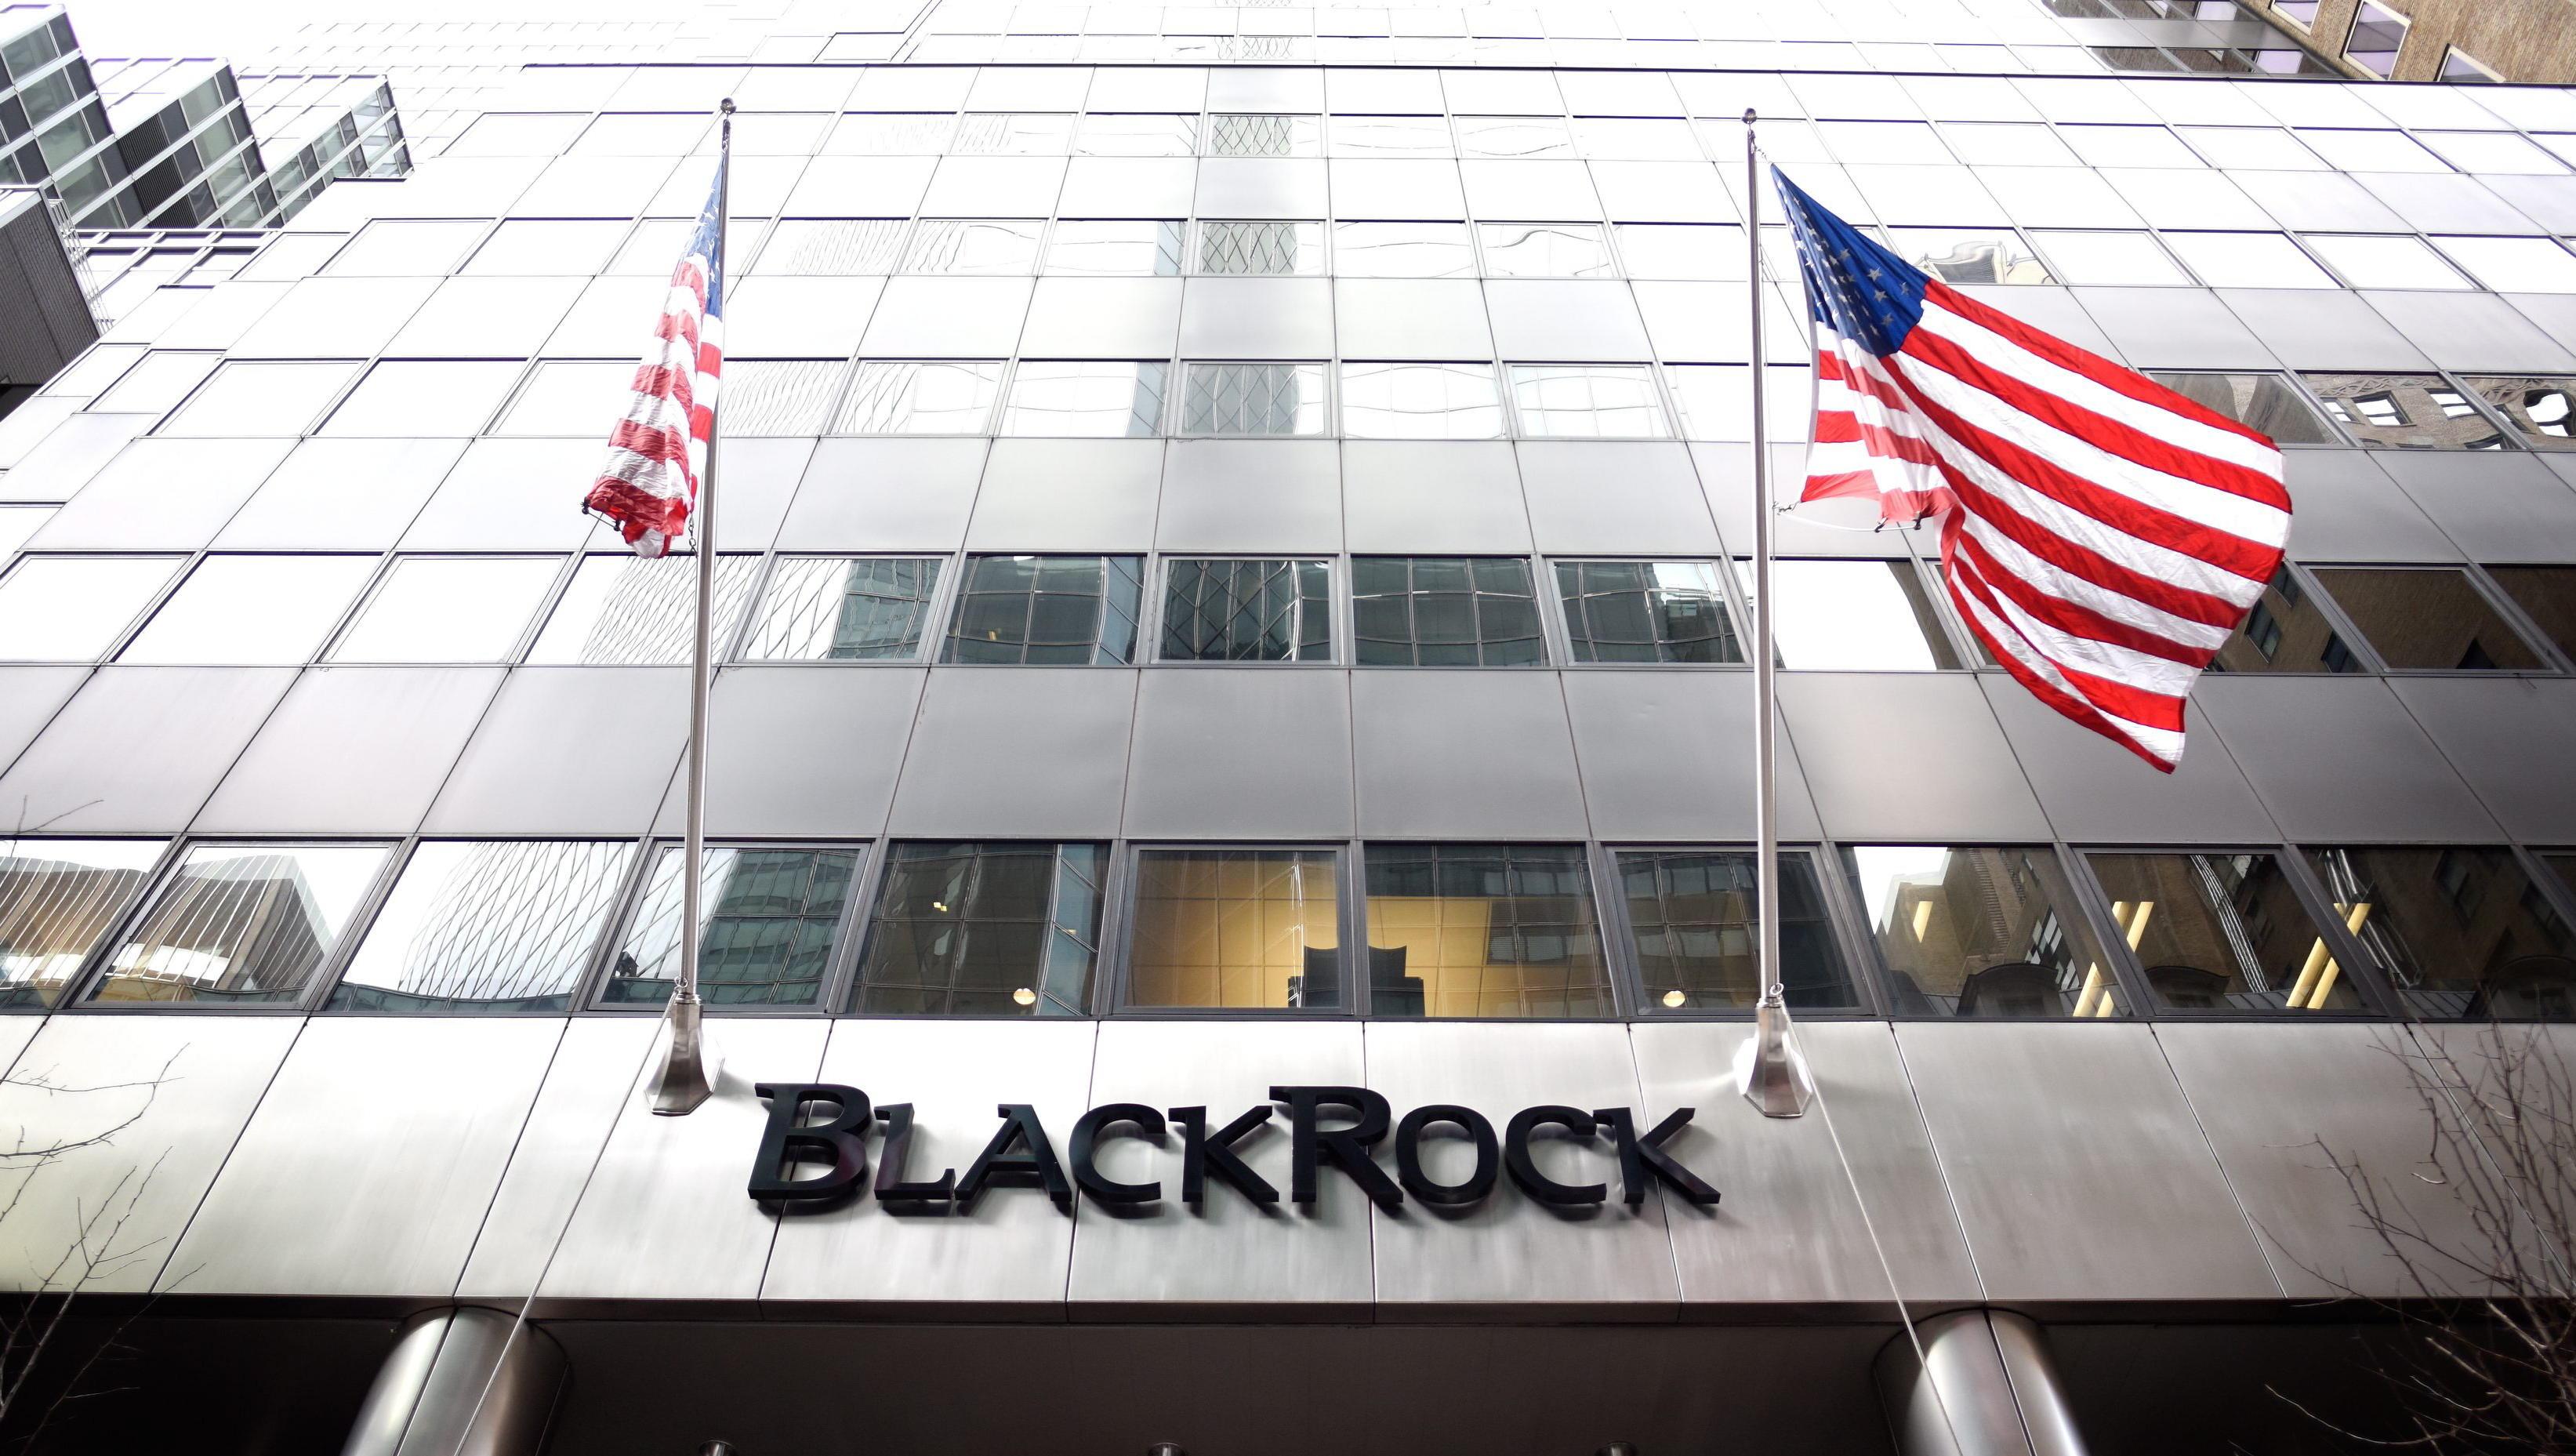 EU-Ombudsfrau rügt Deal zwischen BlackRock und EU-Kommission, doch ohne Konsequenzen